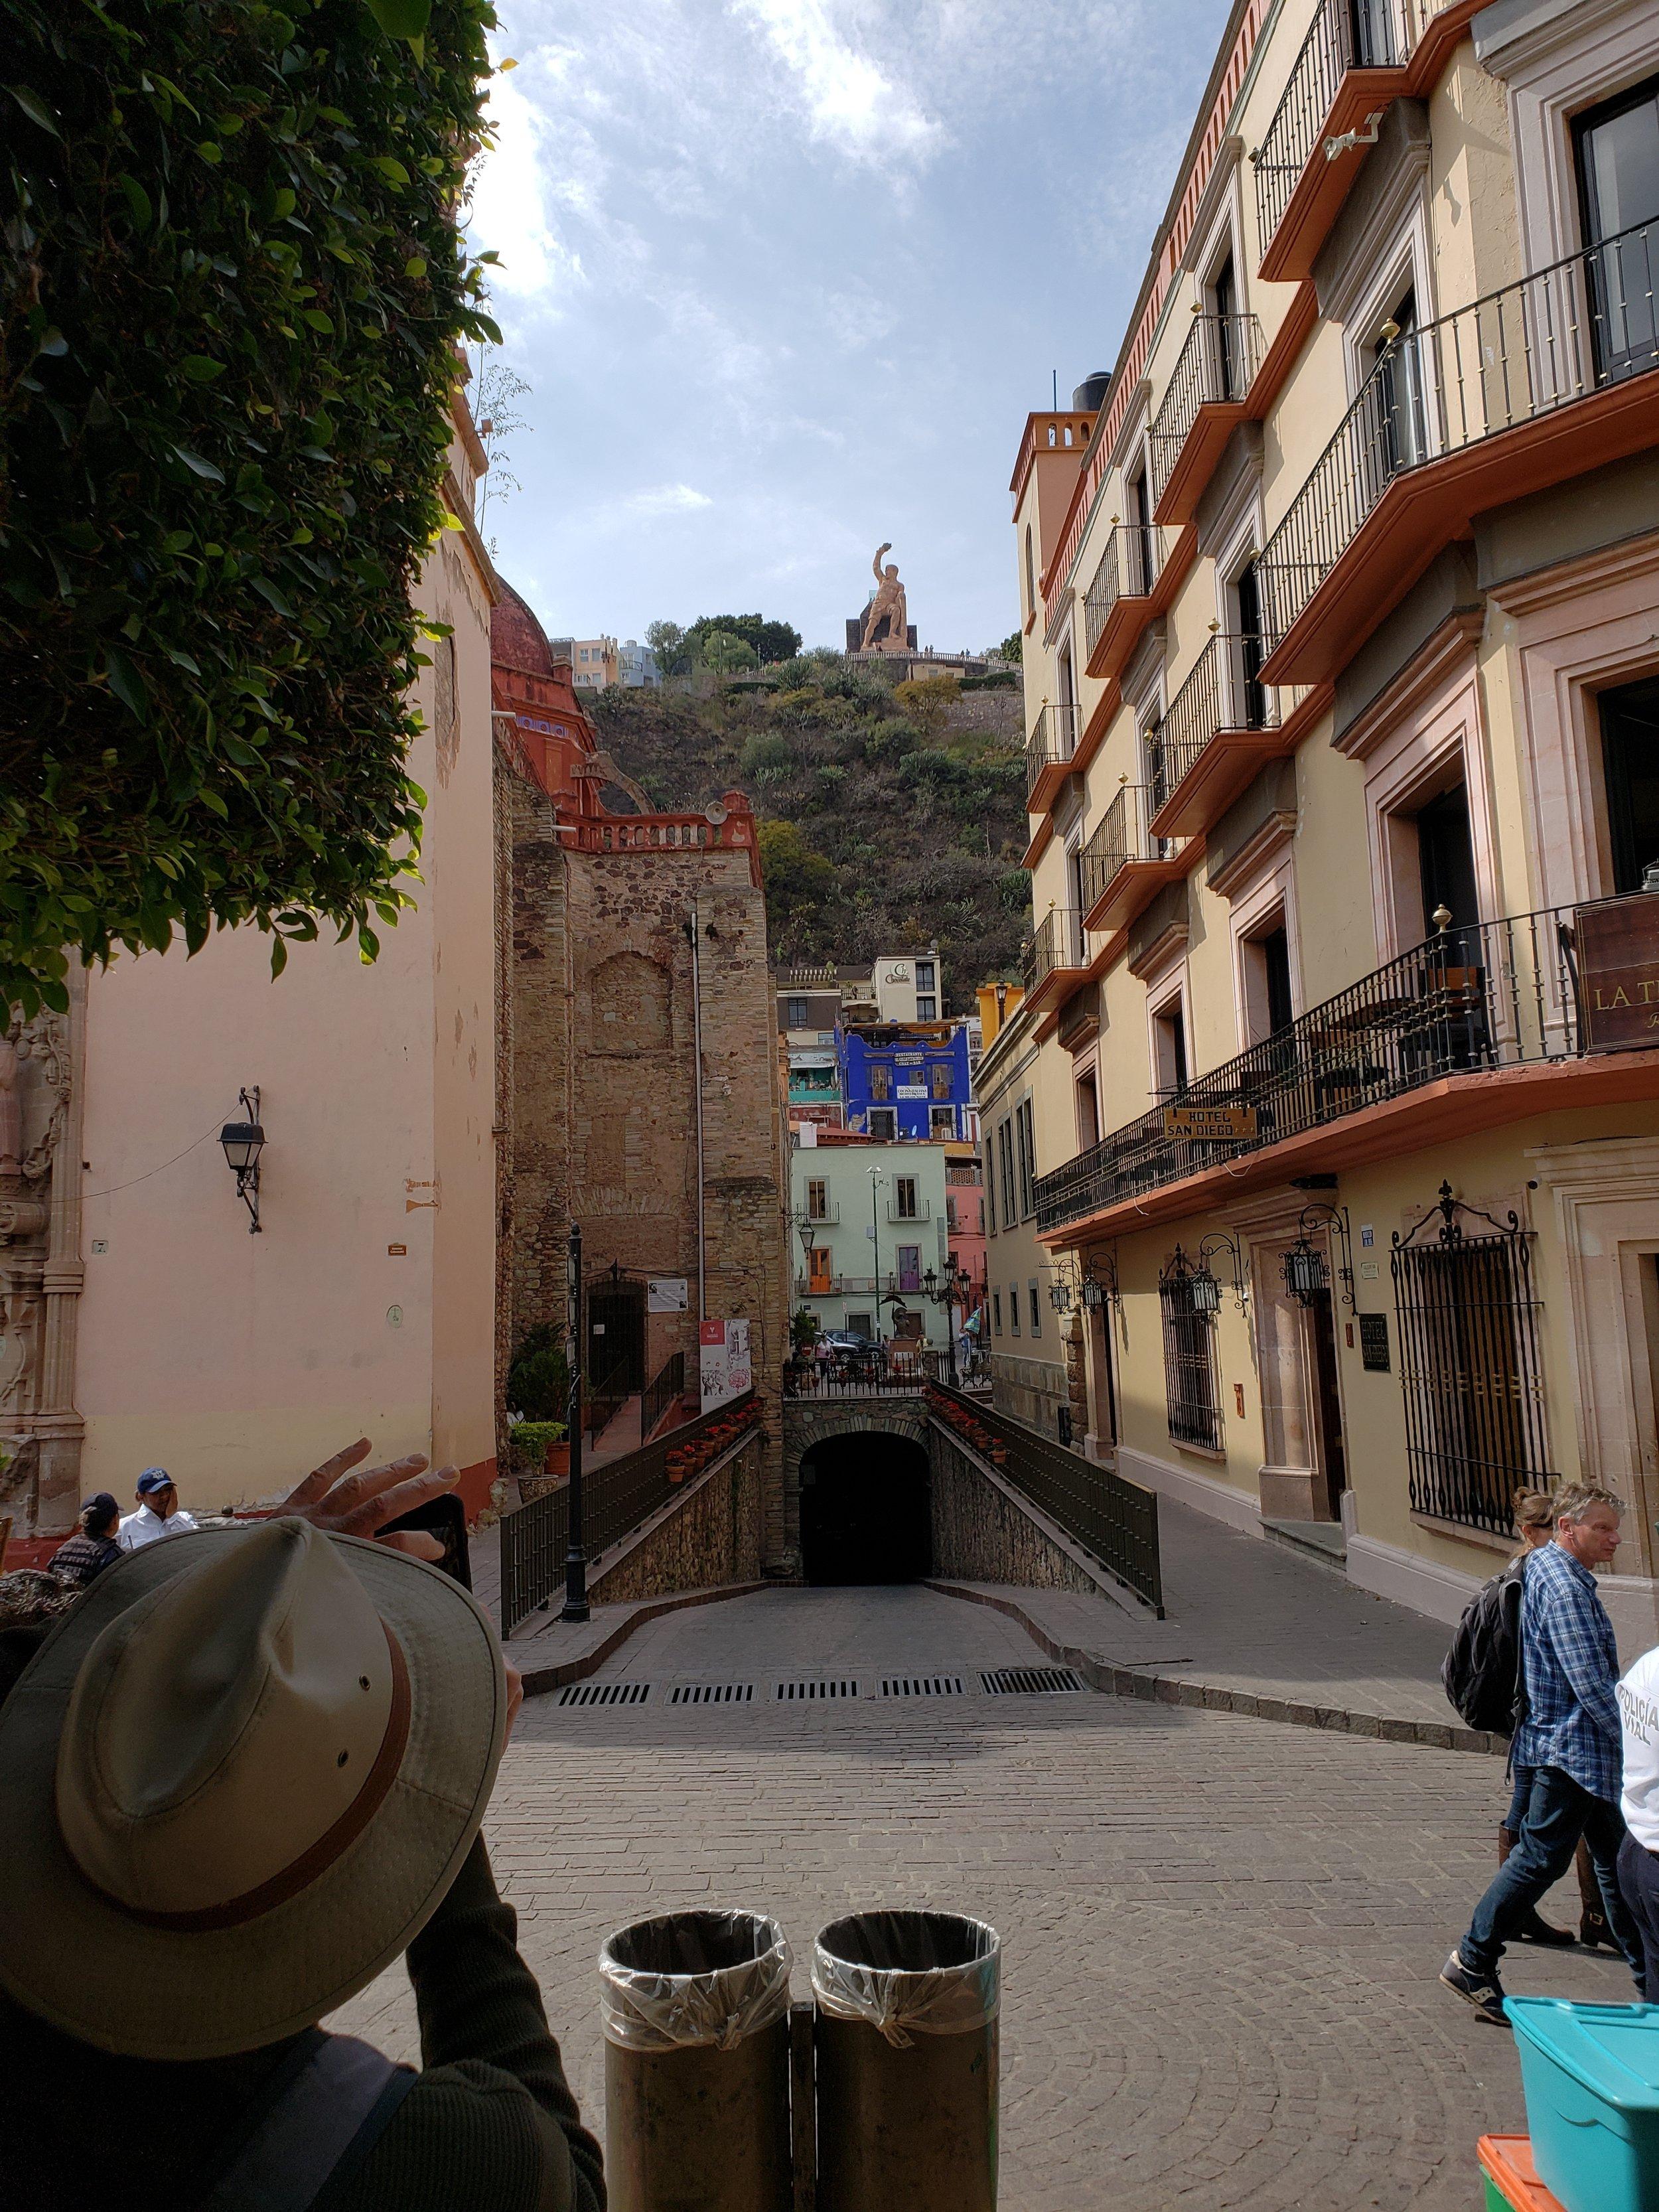 Tunnel entrance in Guanajuato